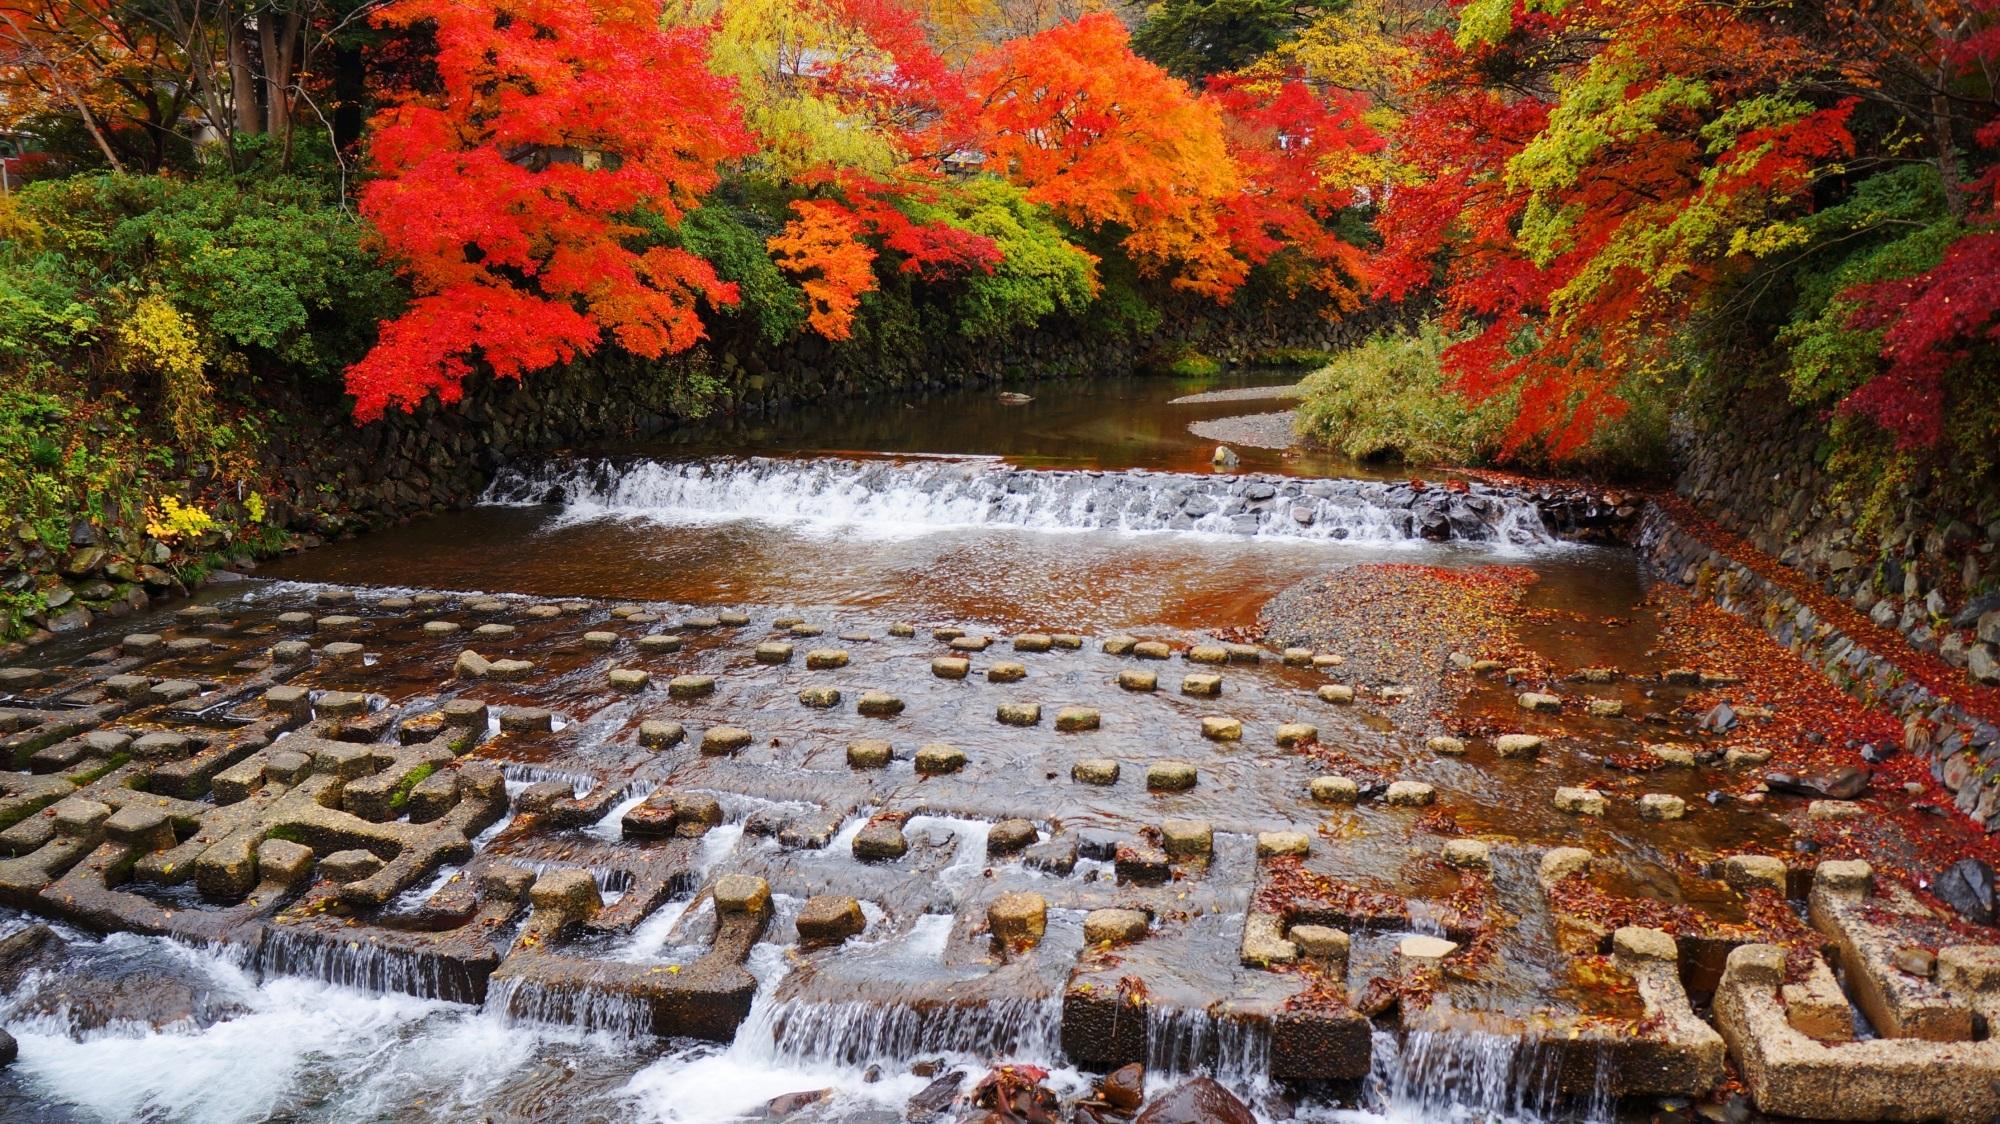 八瀬・高野川 紅葉 鮮やかな水辺の秋の彩り